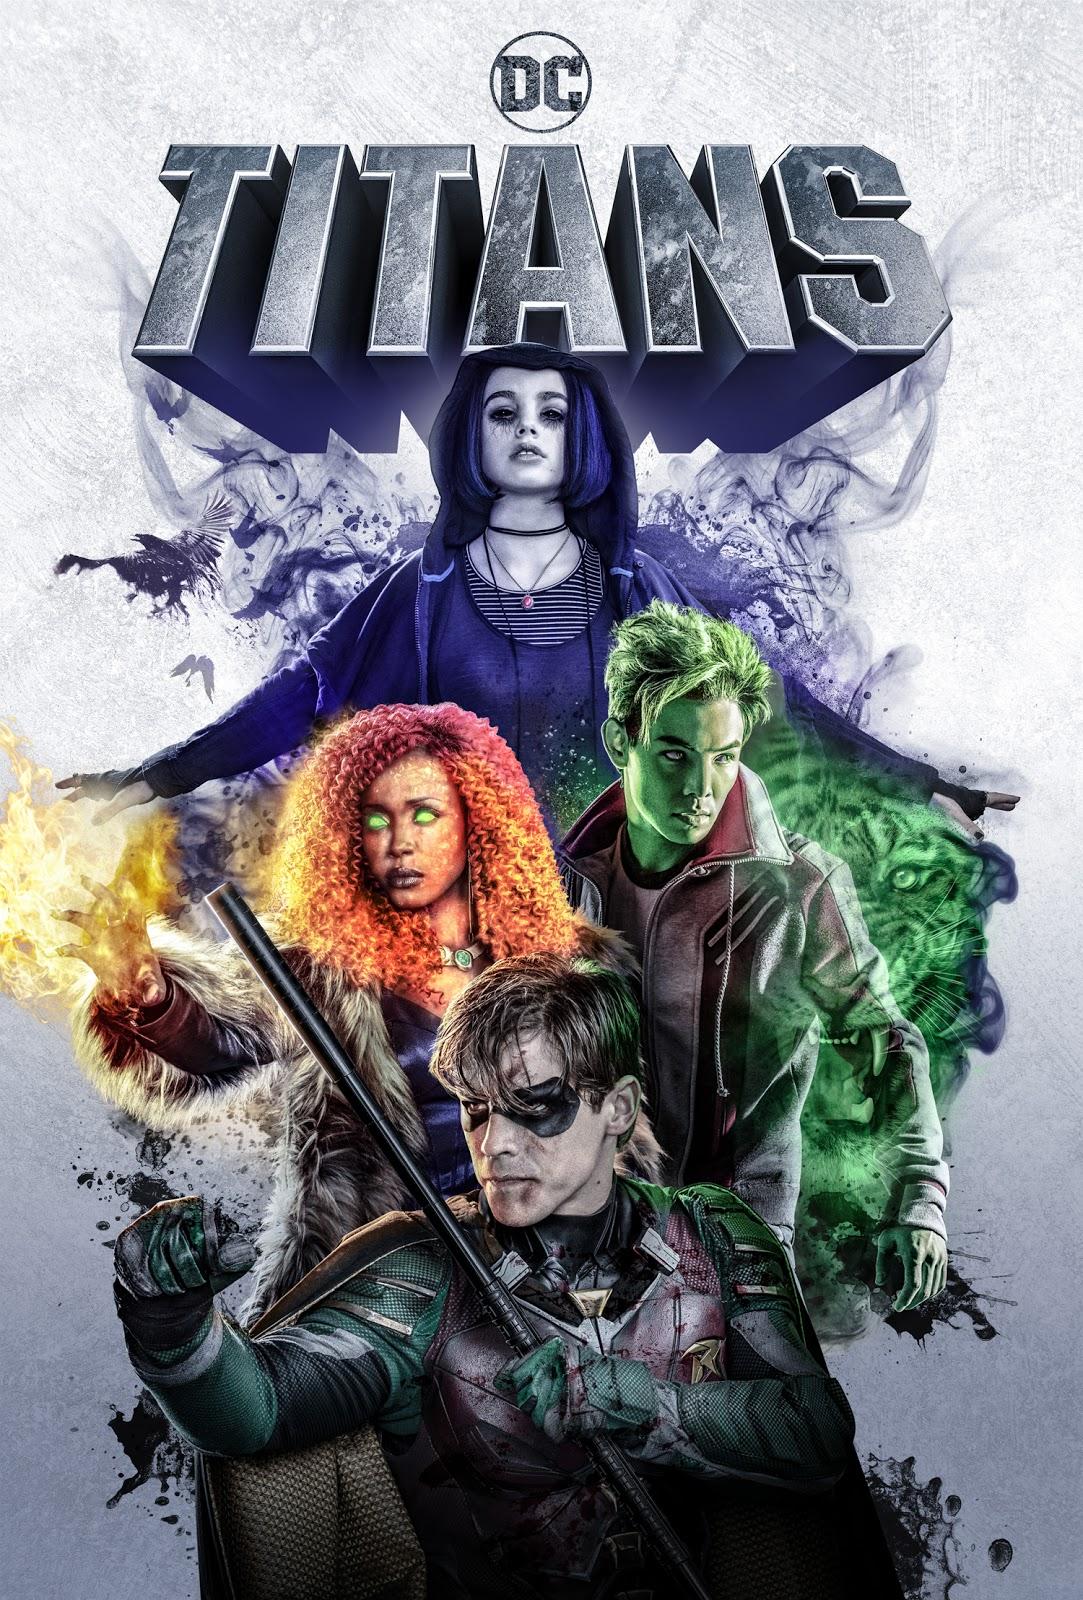 DC Universe Titans season 1 poster